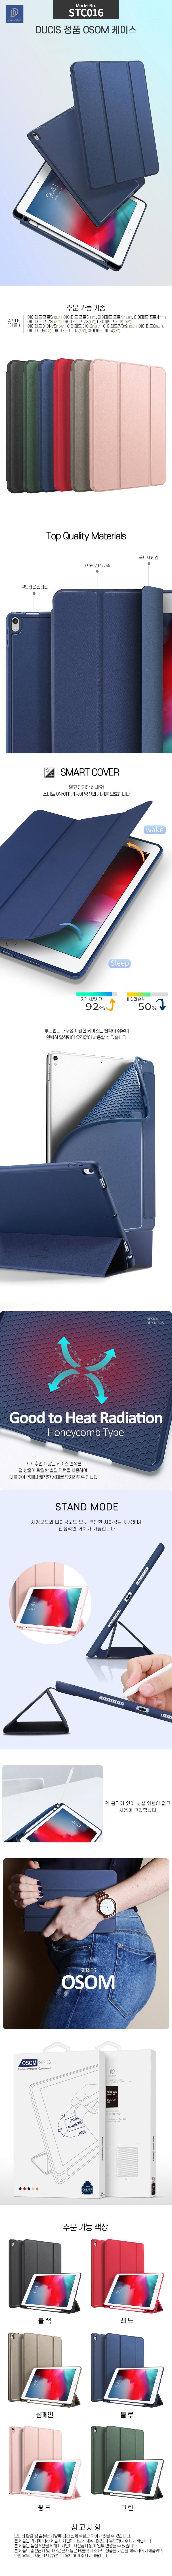 뉴아이패드 펜슬롯 태블릿 케이스 - 수나르, 21,800원, 케이스, 아이패드/미니